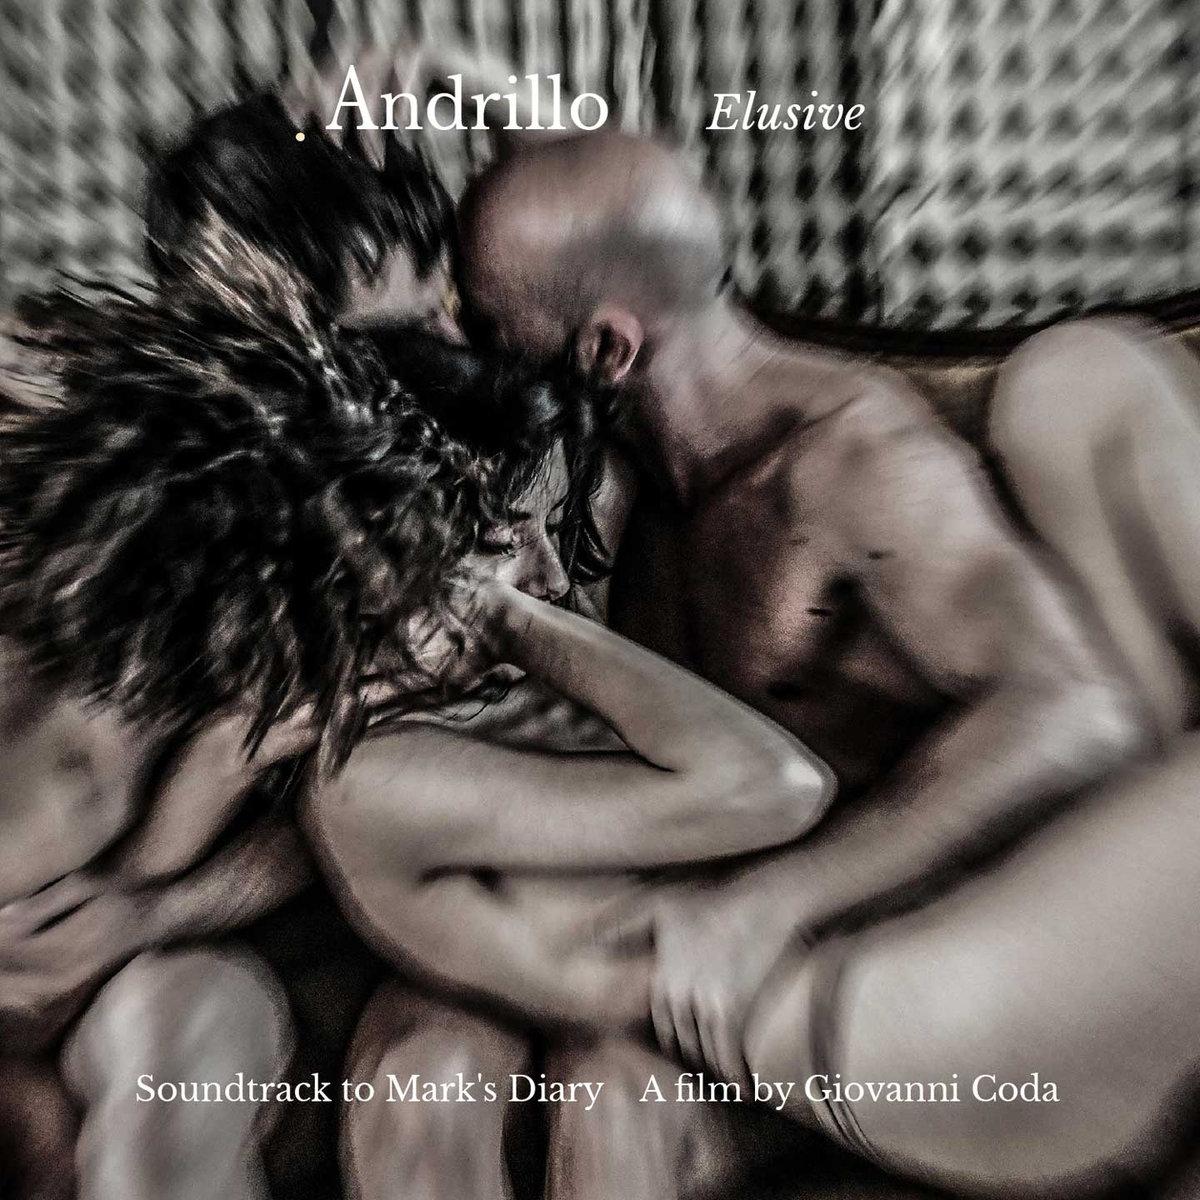 Andrea andrillo - songs to mark's diary - mark's diary - cantautore - cagliari - sa scena sarda - 2019 - radici records